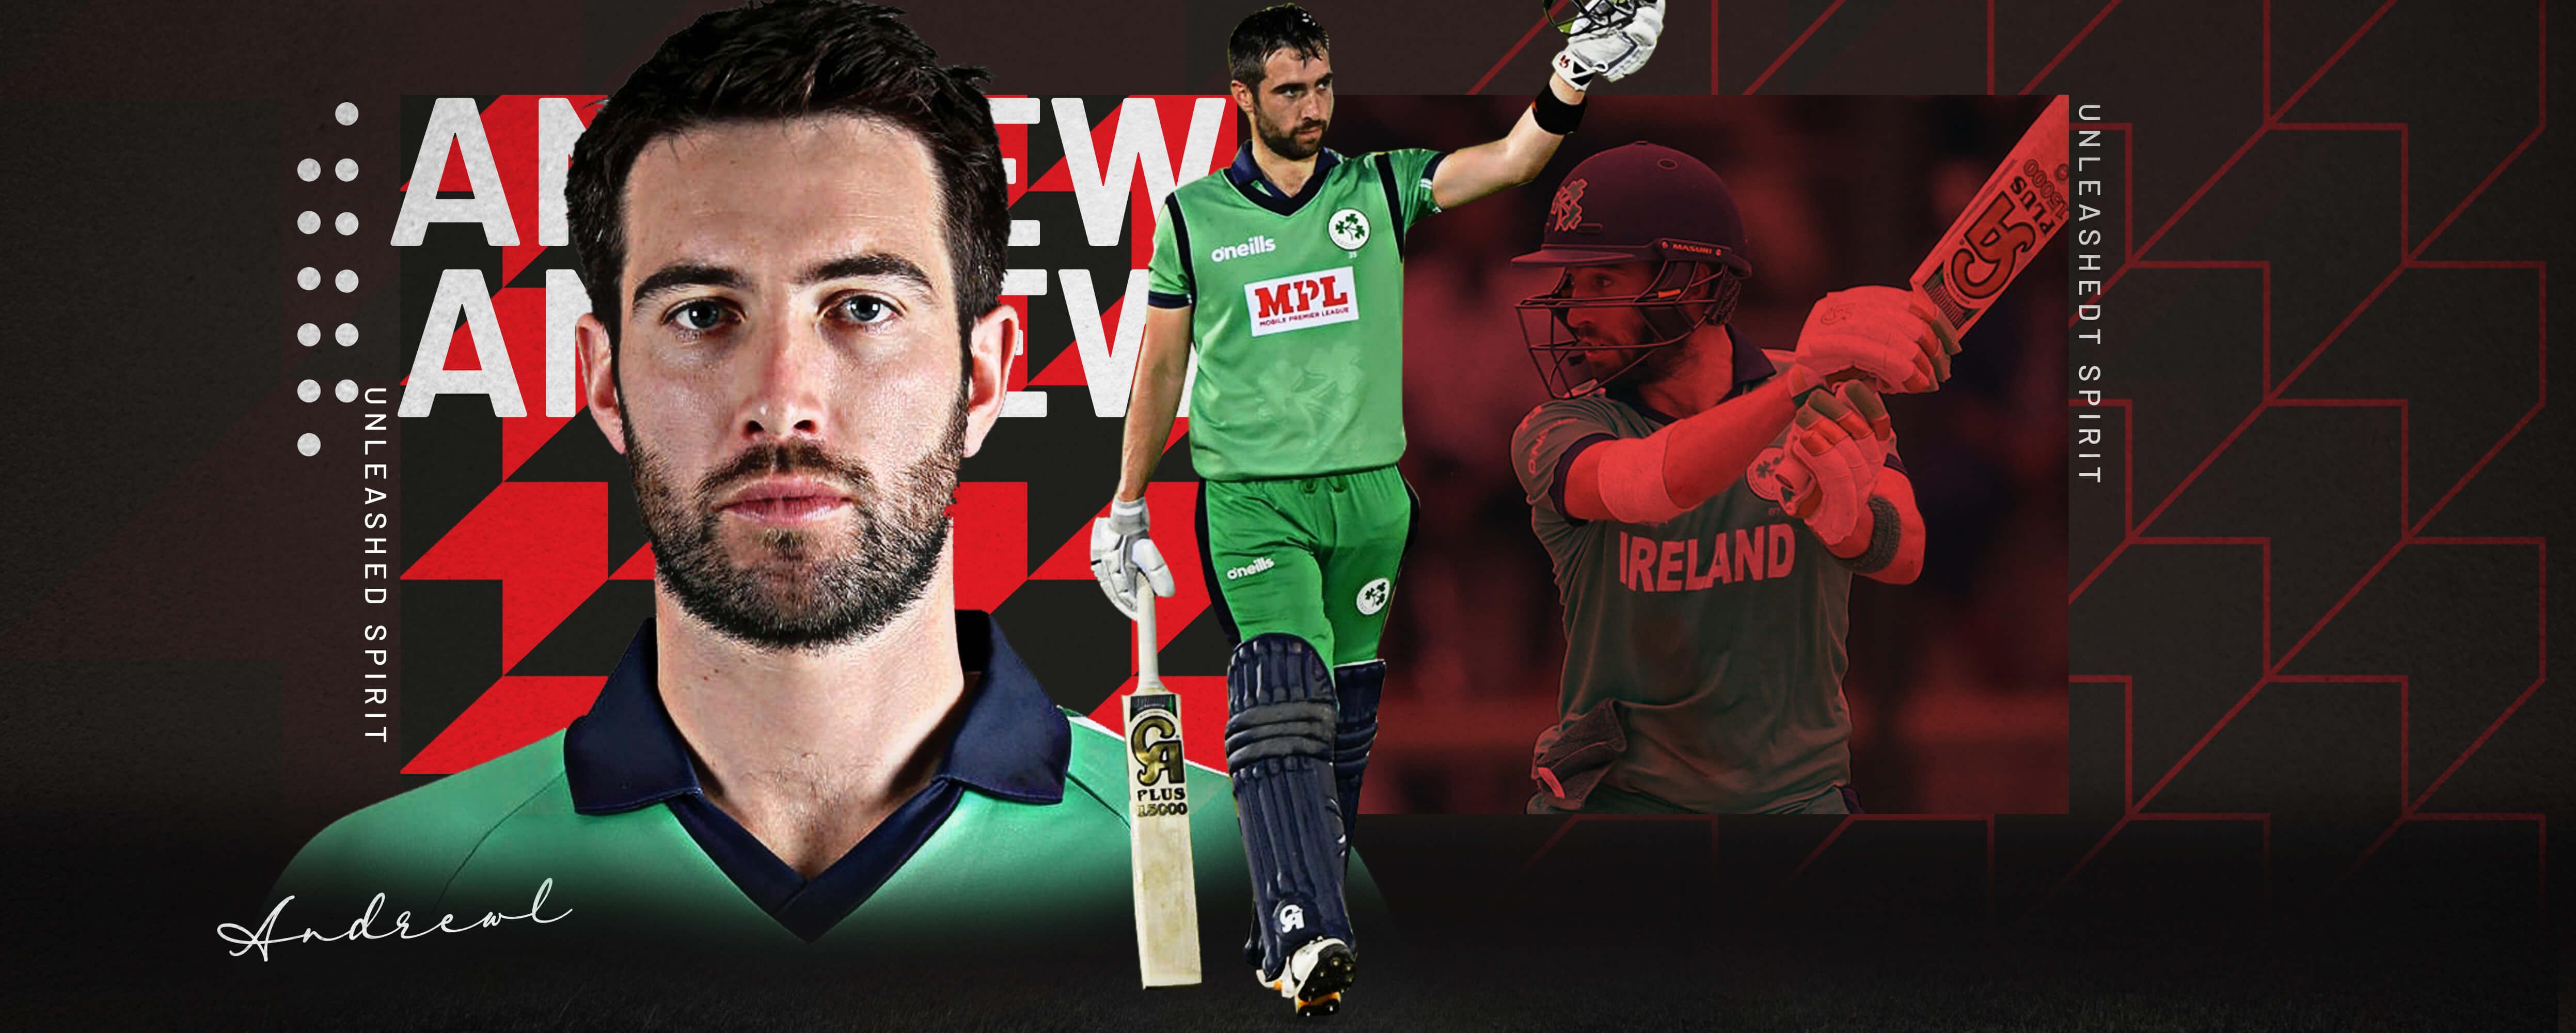 ca sports, cricket bat